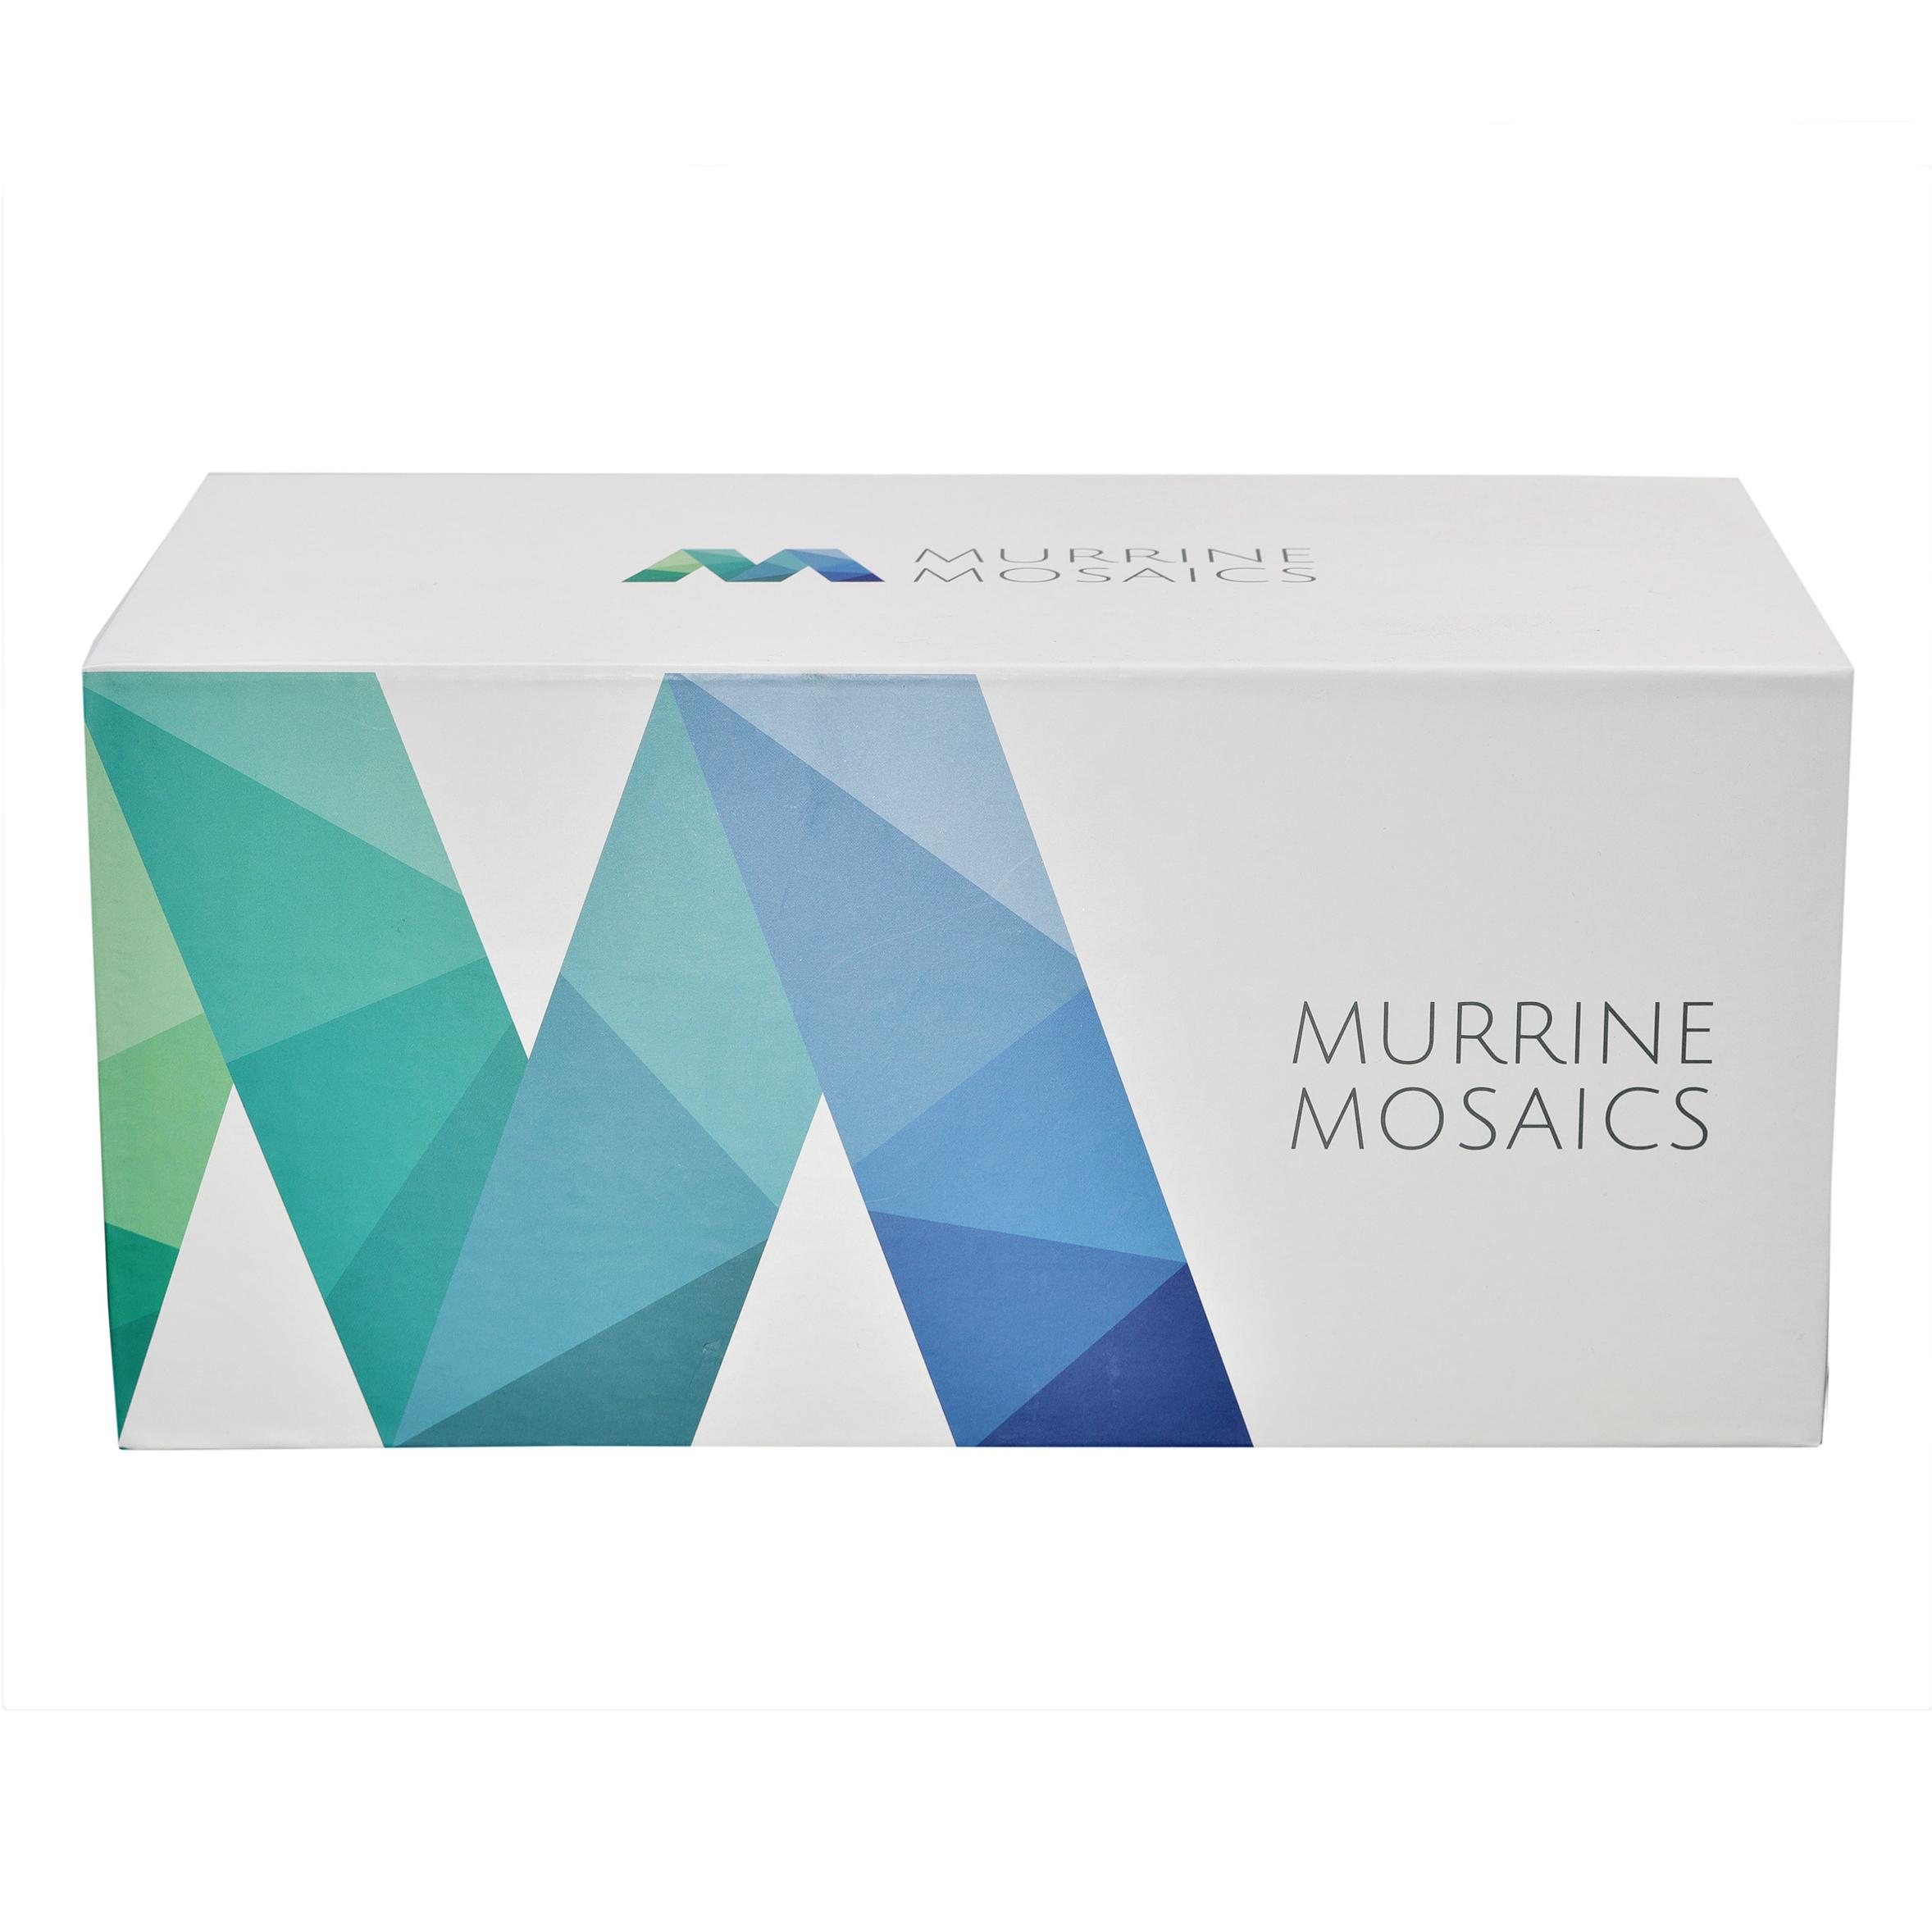 Murrine Mosaic Swatch Box_02.jpg